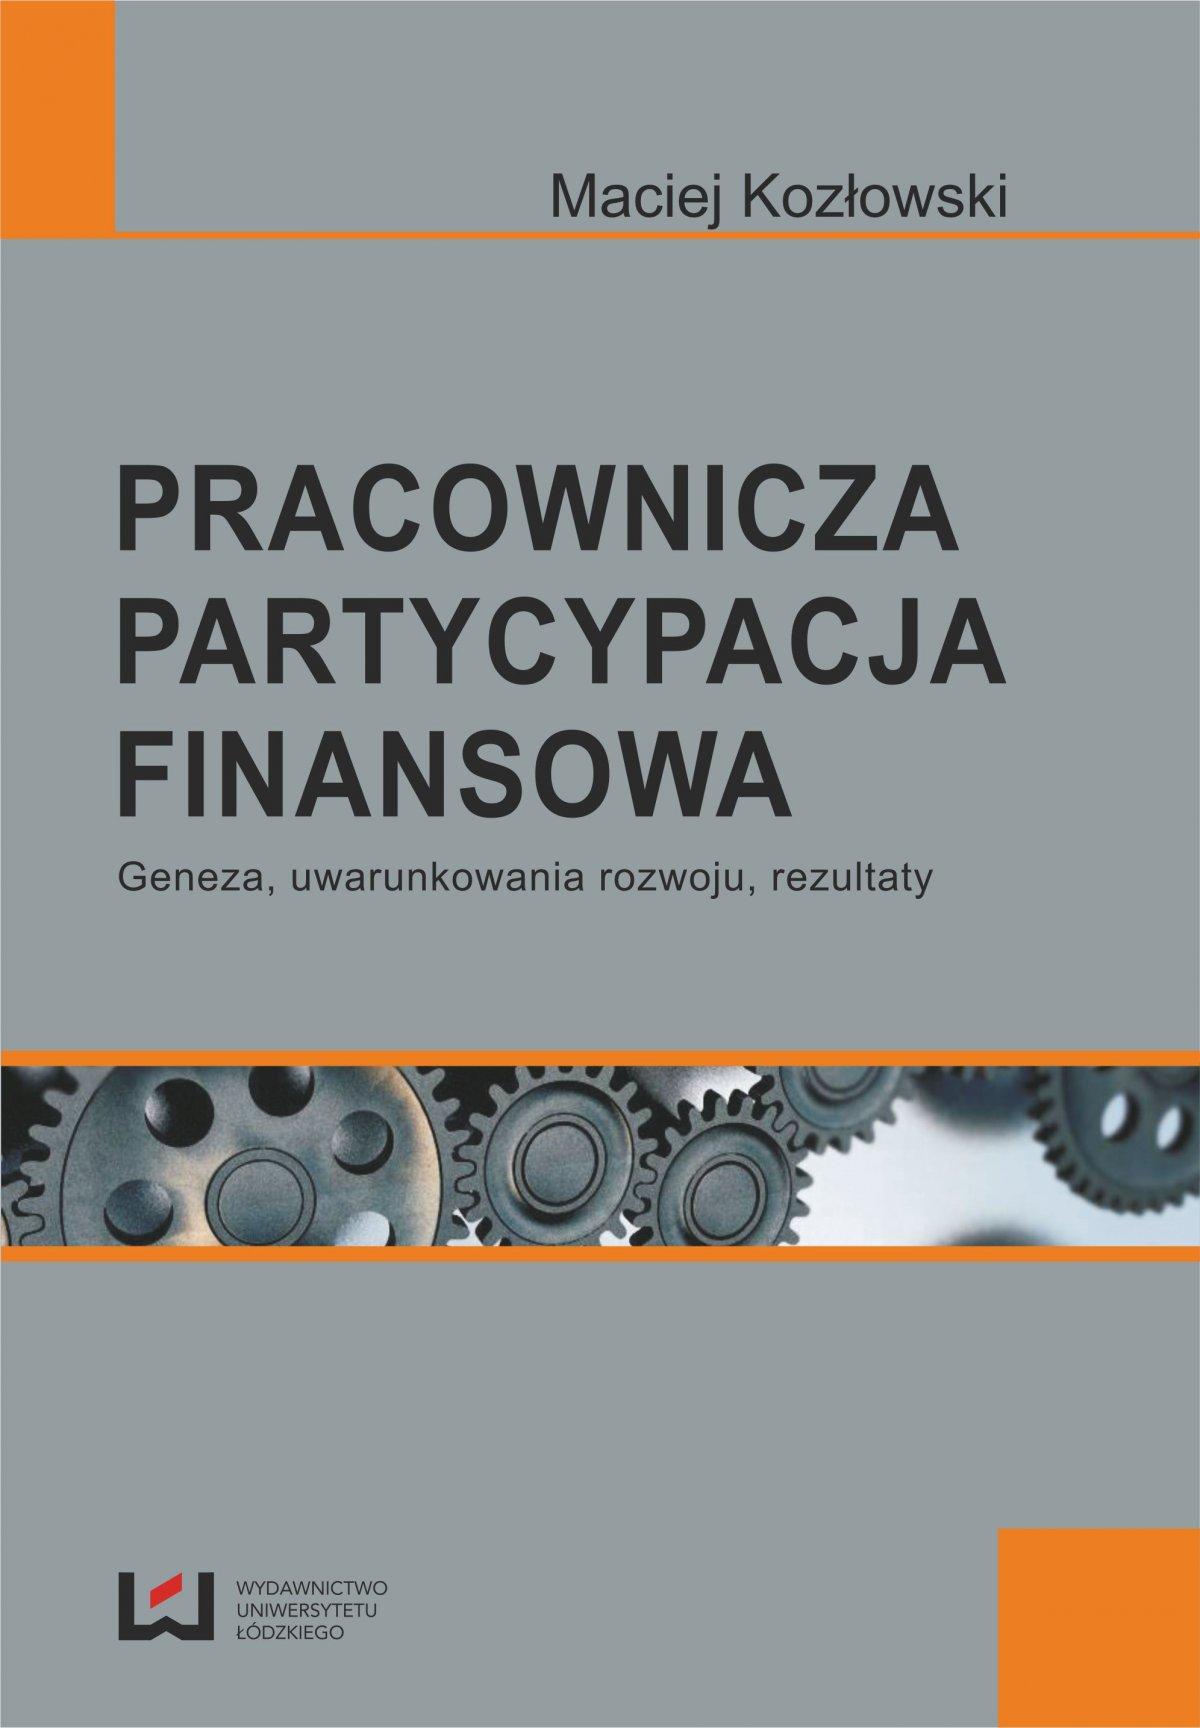 Pracownicza partycypacja finansowa. Geneza, uwarunkowania rozwoju, rezultaty - Ebook (Książka PDF) do pobrania w formacie PDF